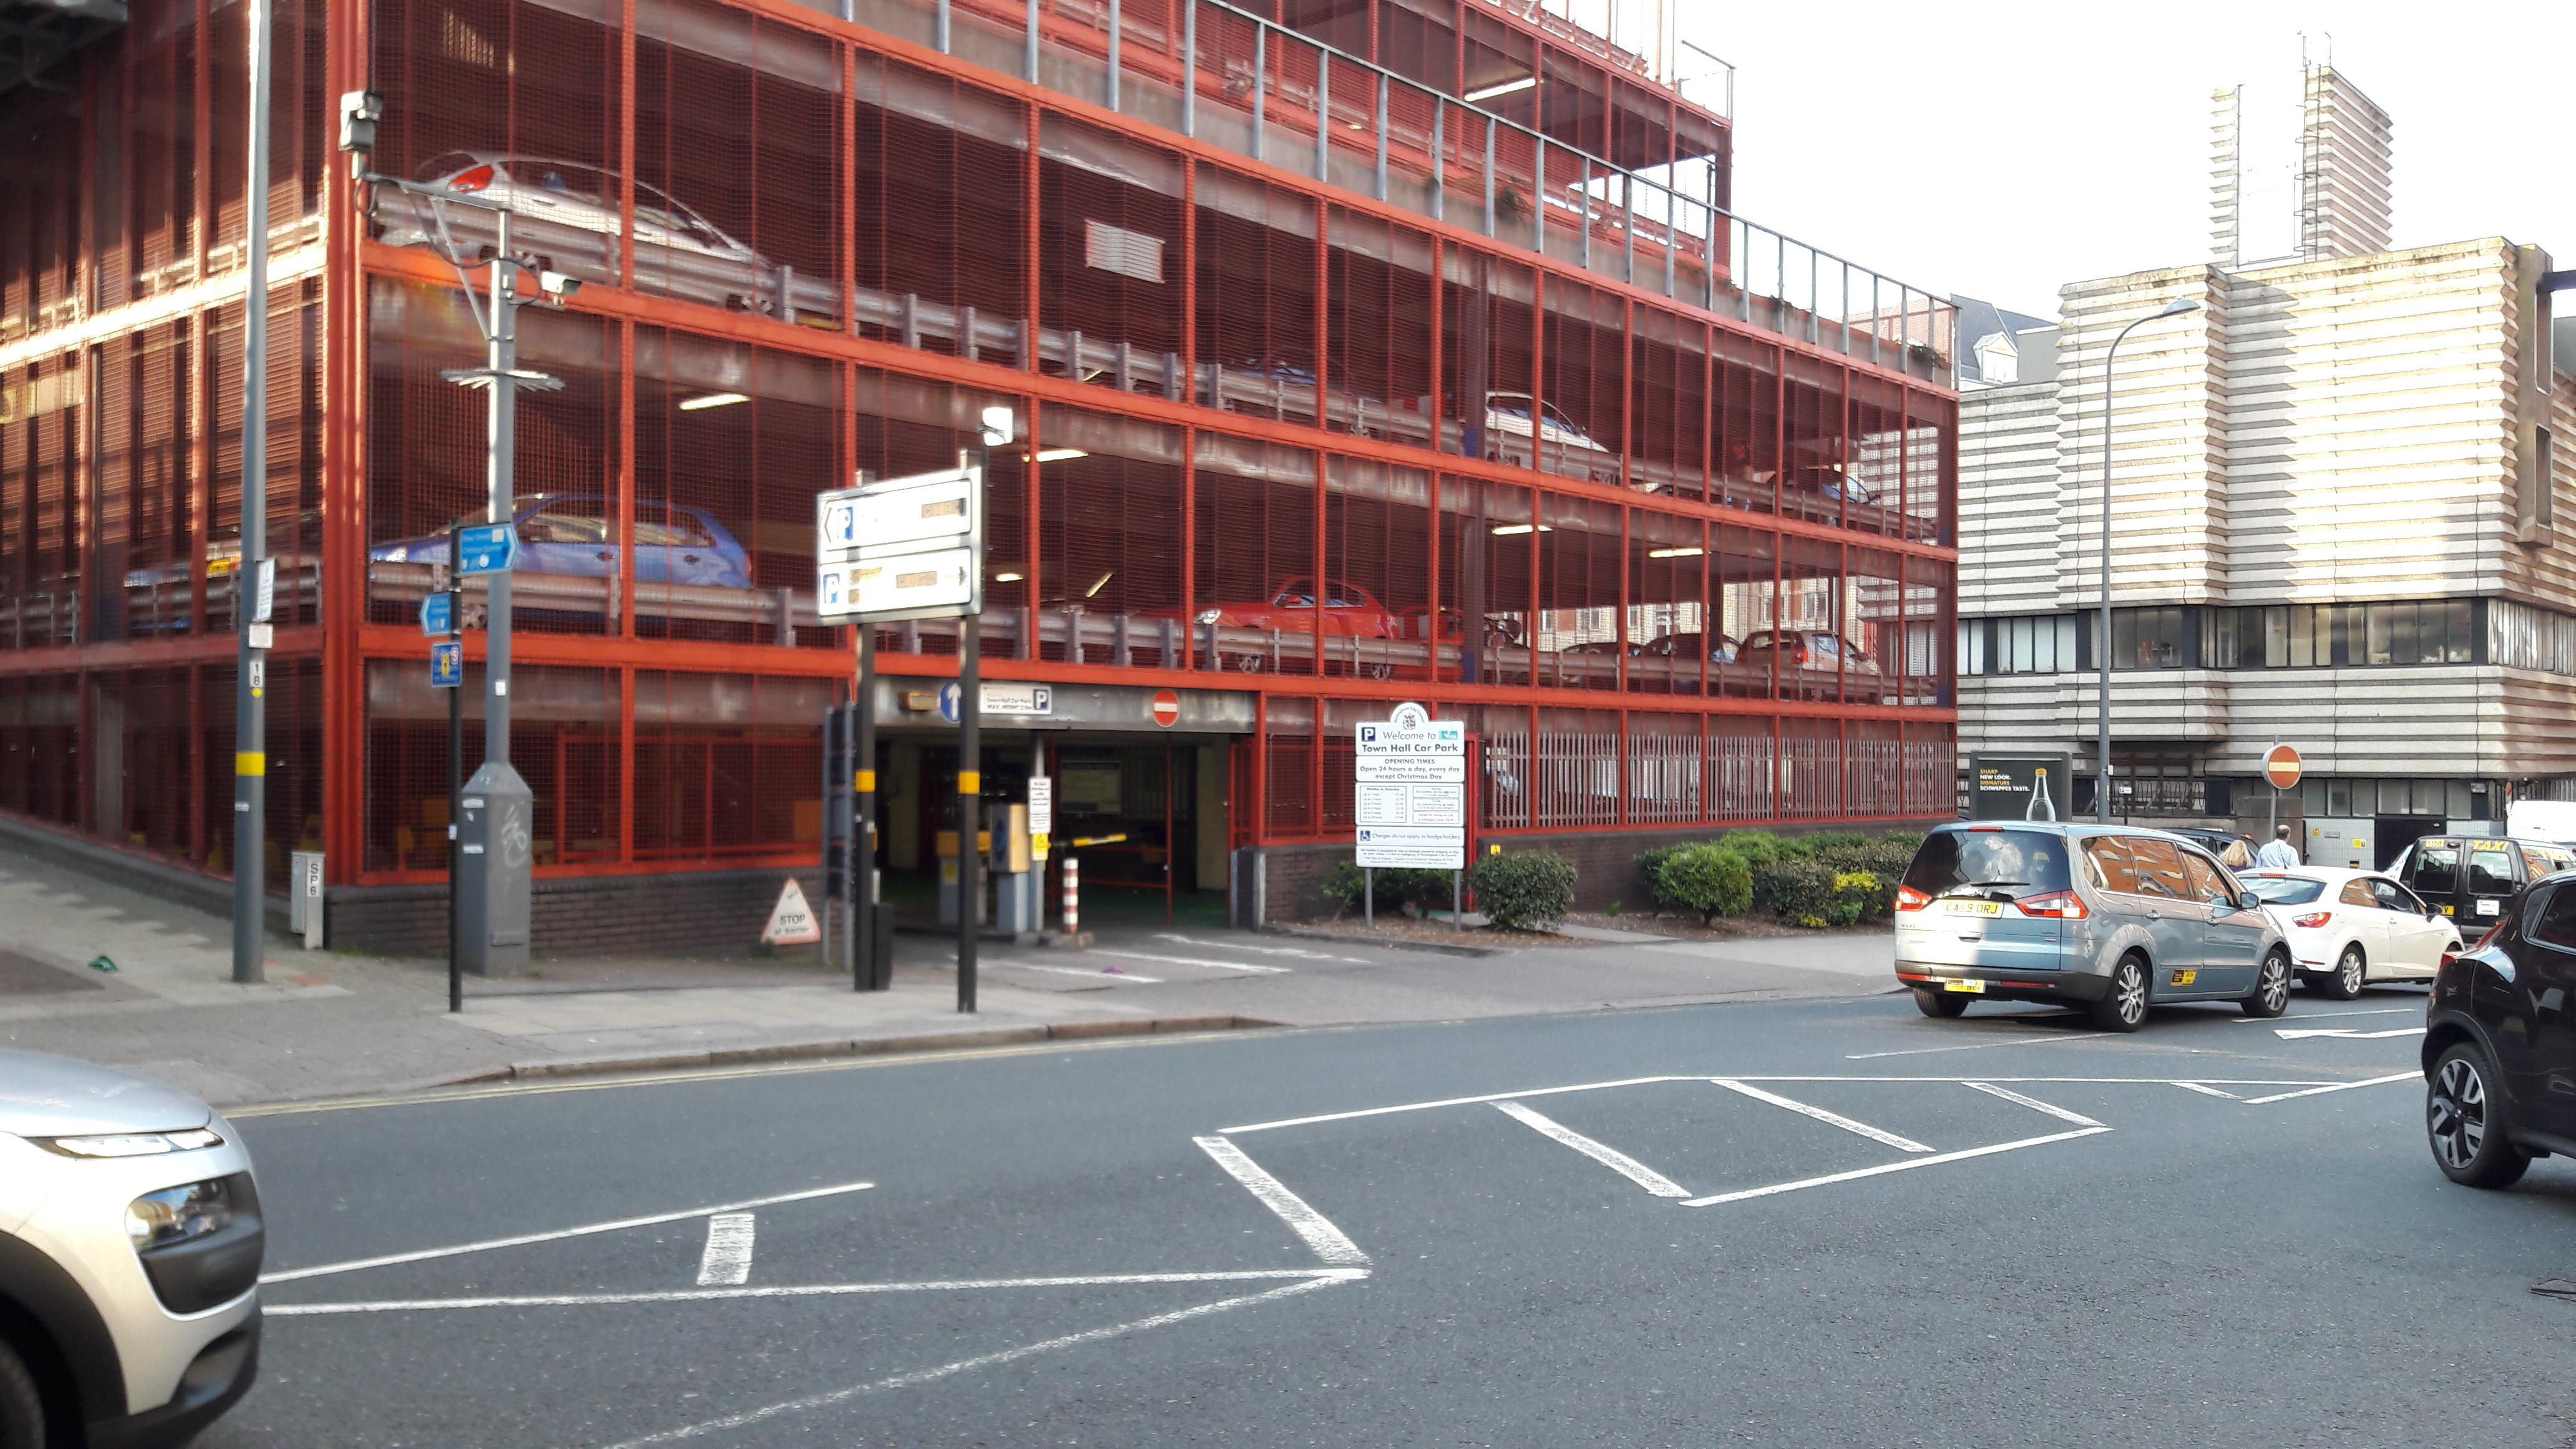 Town Hall Car Park - Parking in Birmingham | ParkMe